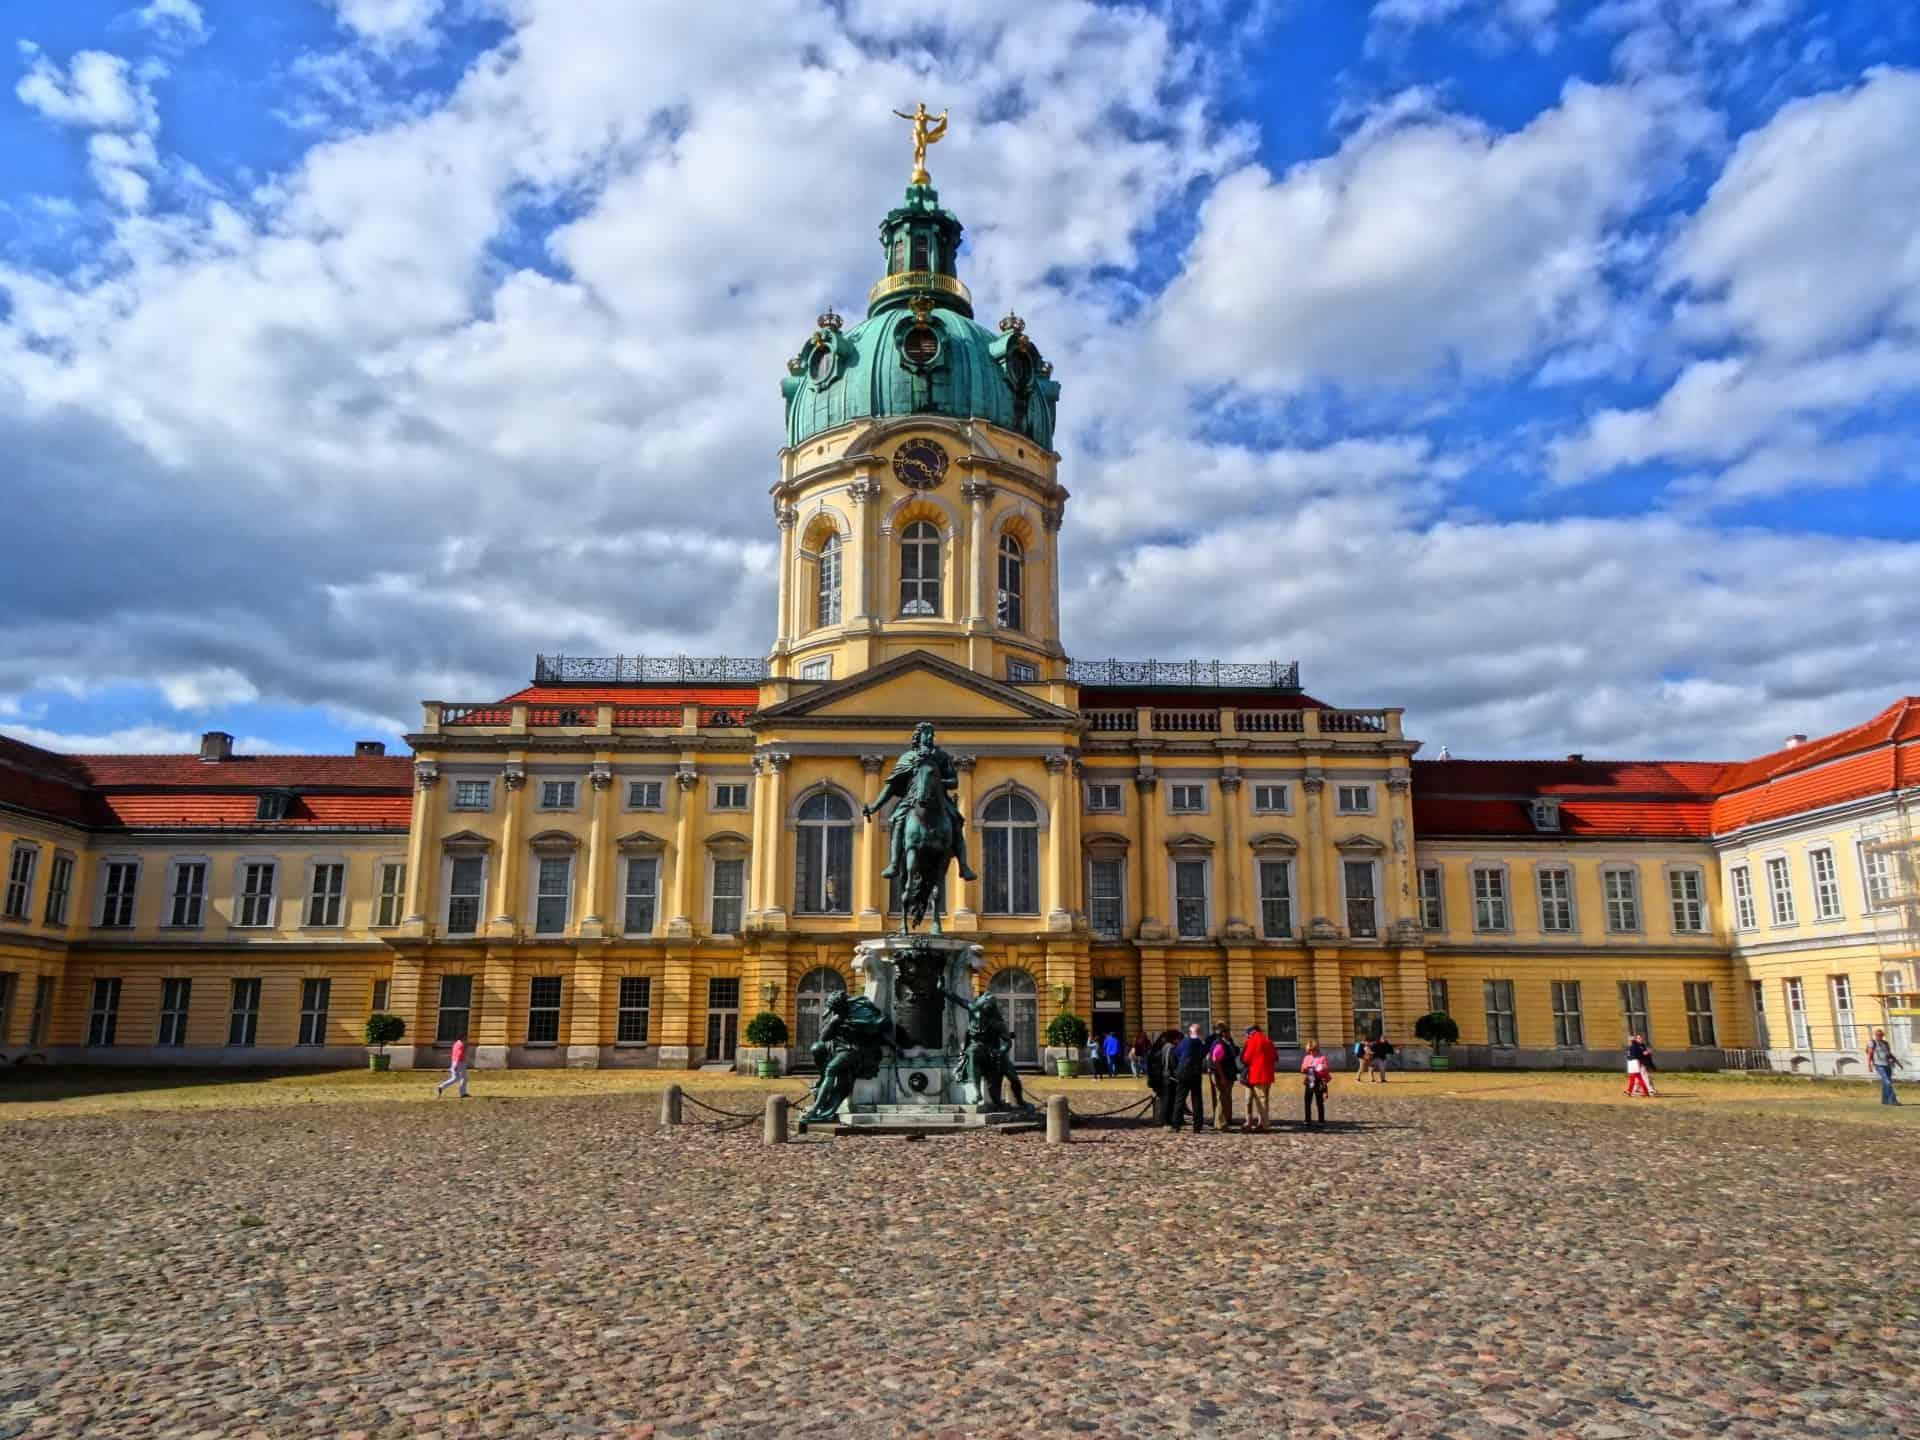 Charlottenburg Palace